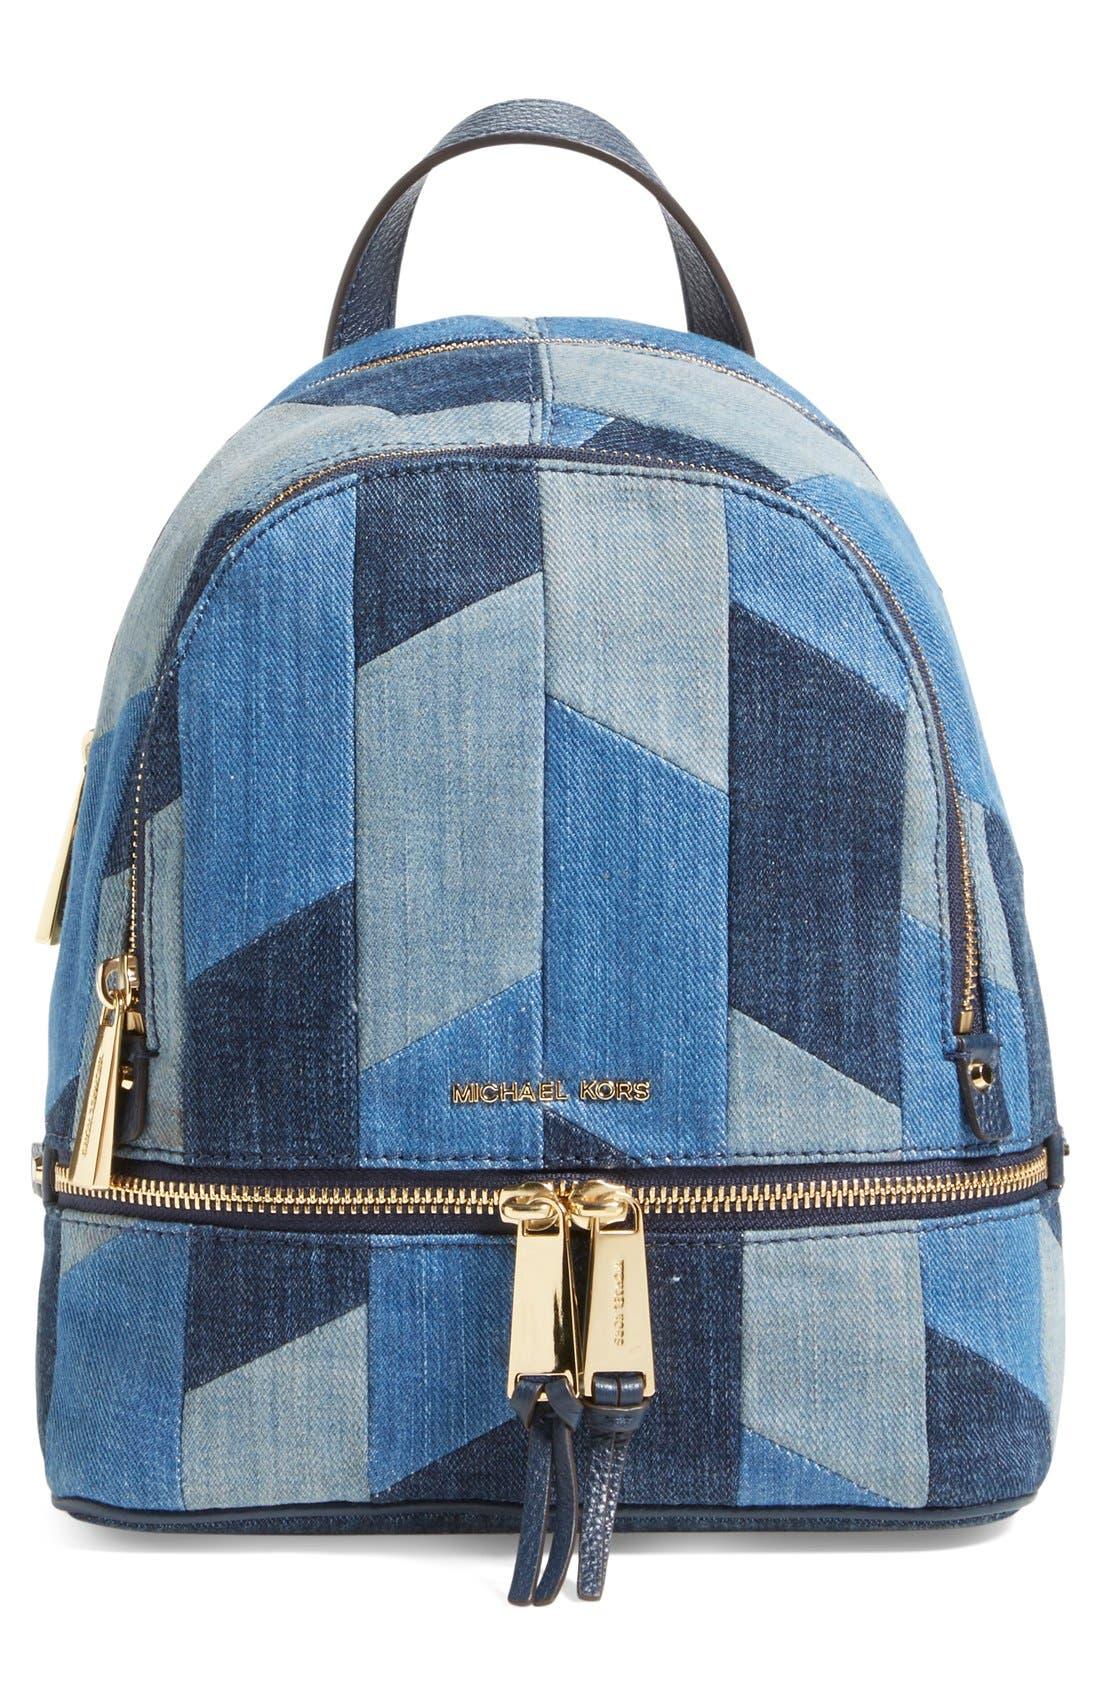 Main Image - Michael Kors 'Small Rhea Zip' Denim Backpack